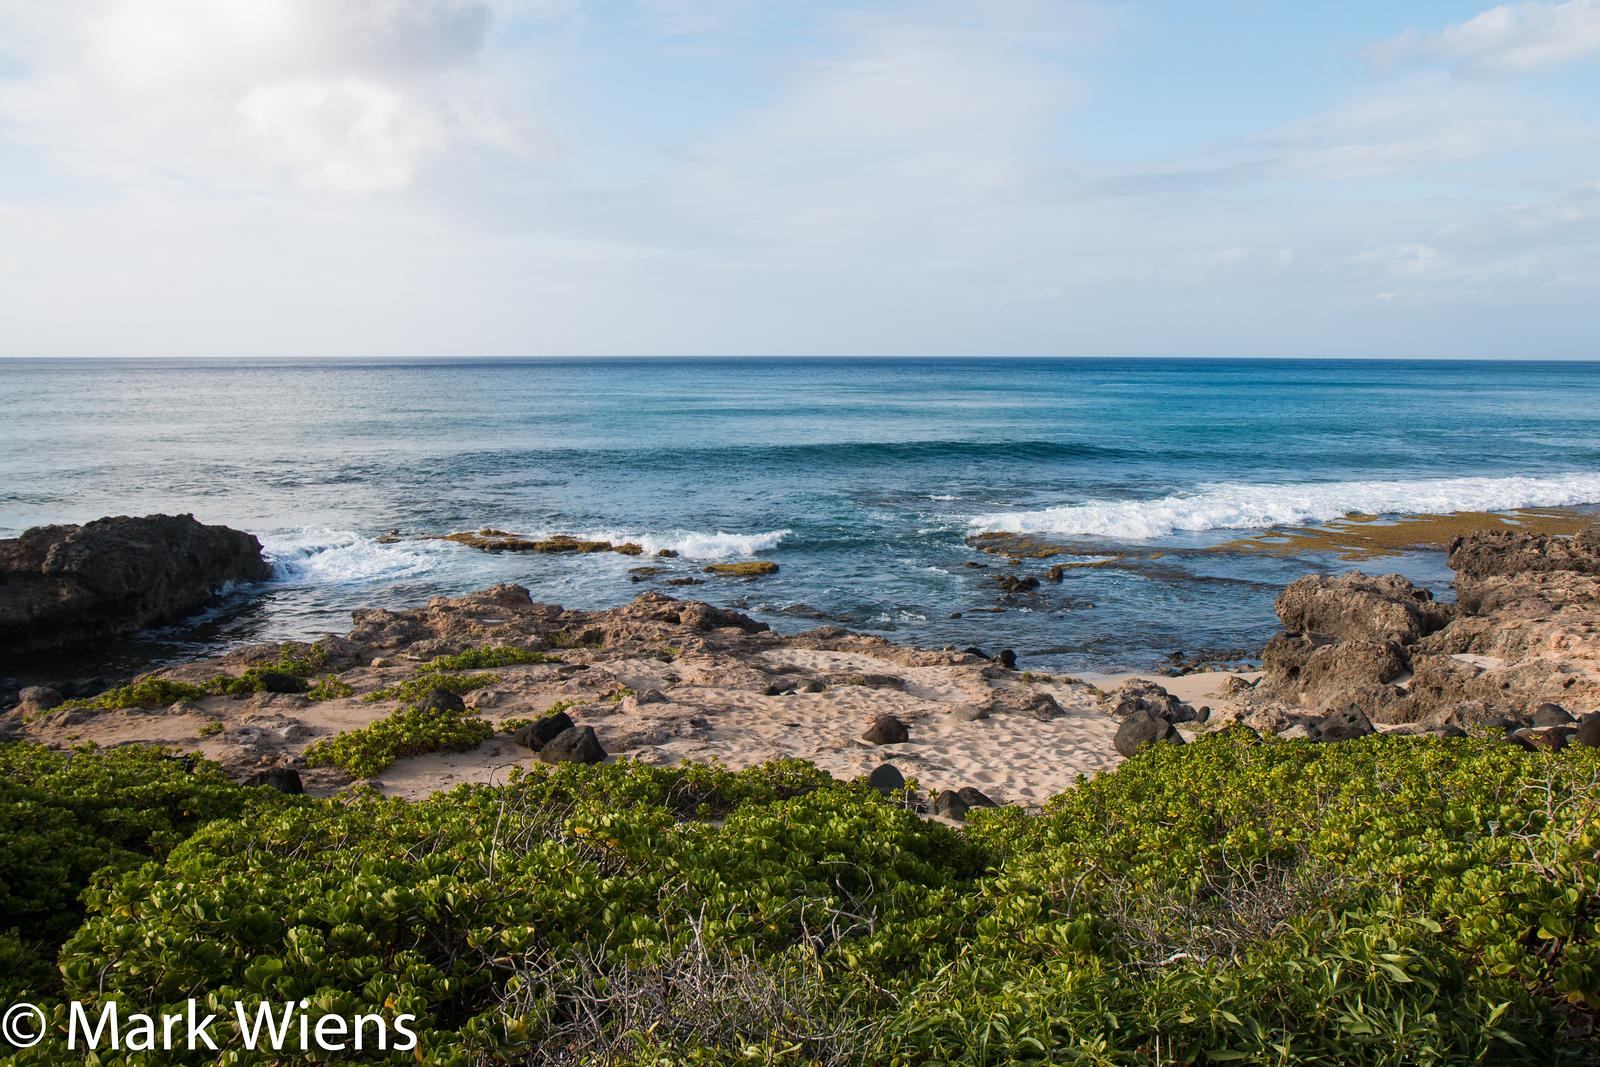 ocean views in Hawaii